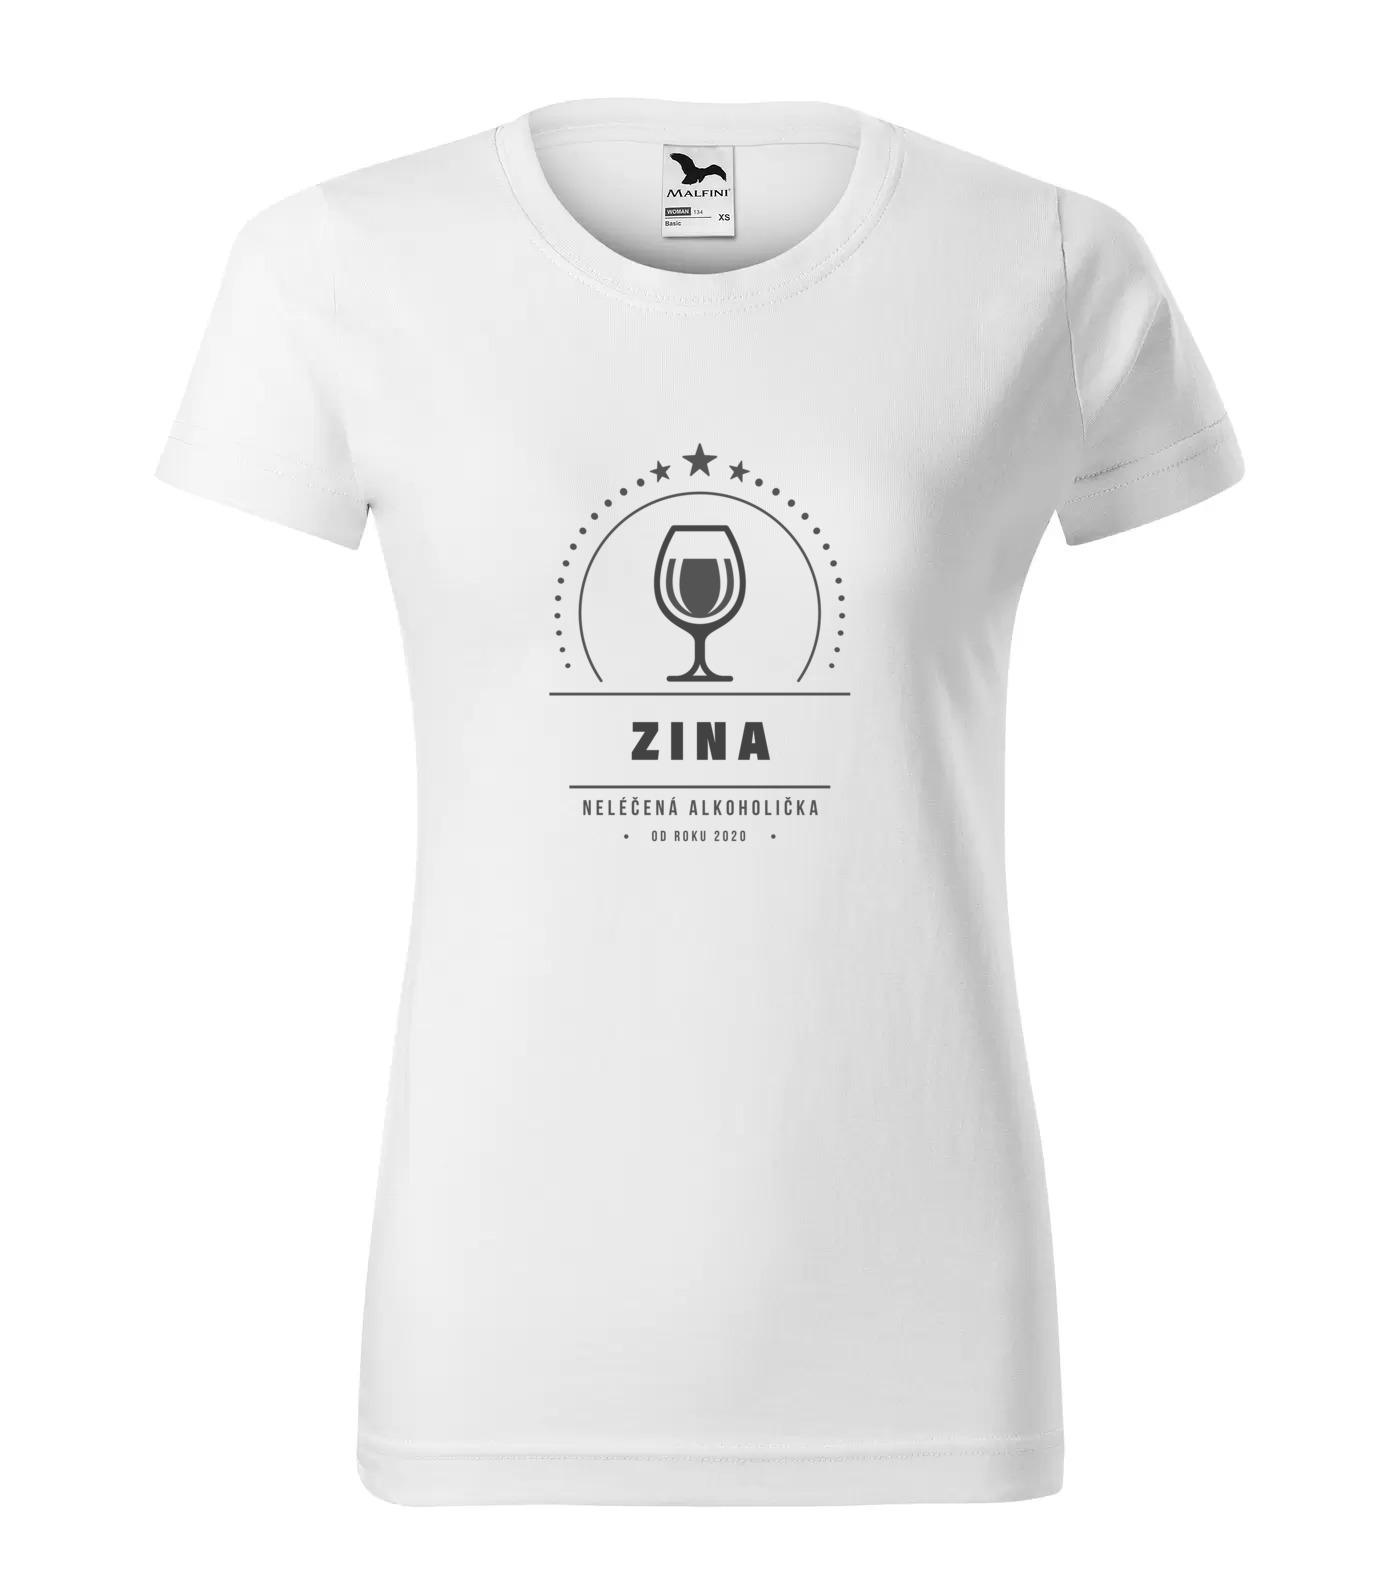 Tričko Alkoholička Zina